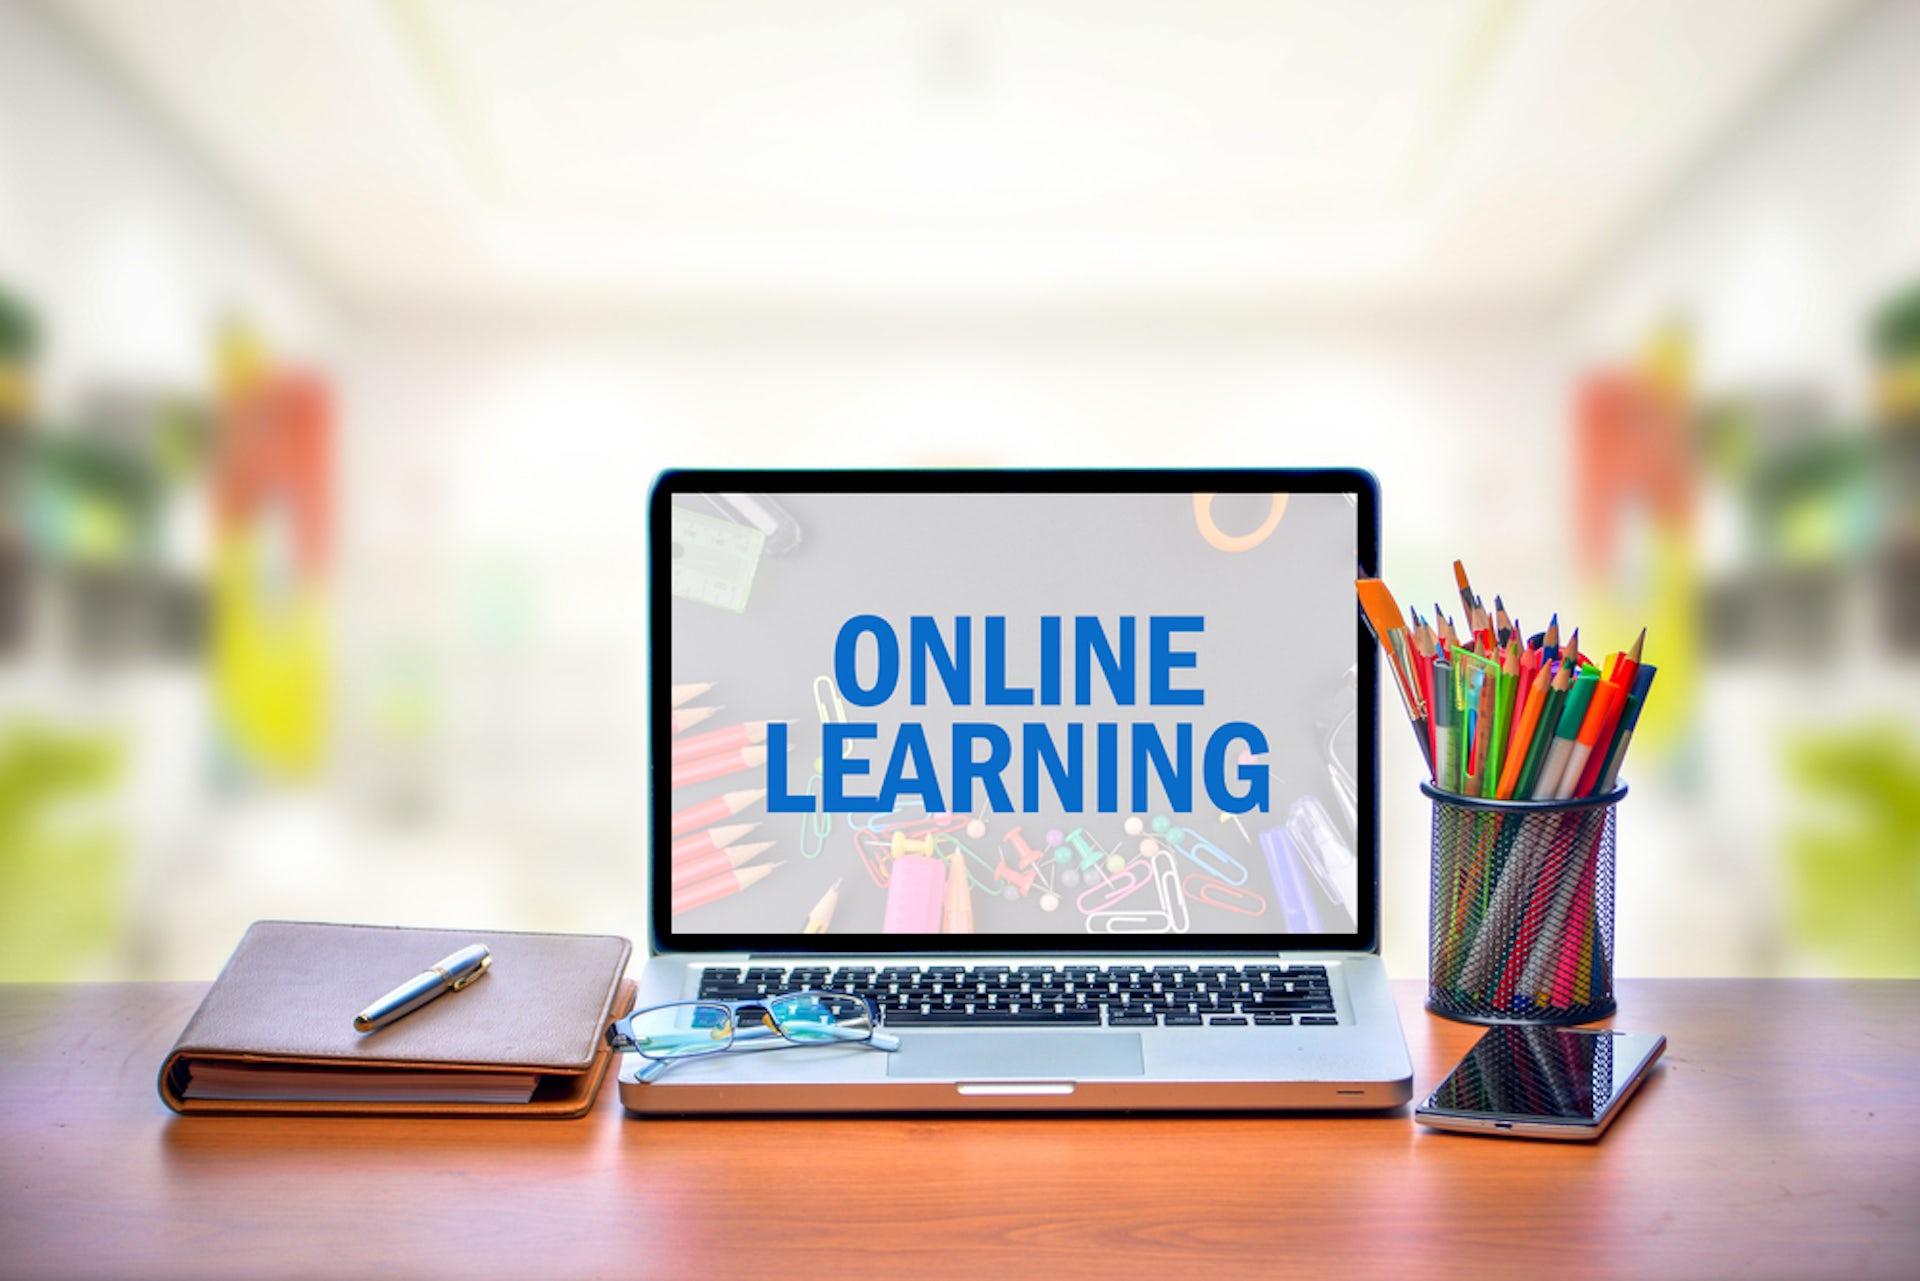 Riset: 'online learning' sebagai masa depan pendidikan tinggi Indonesia  selepas pandemi